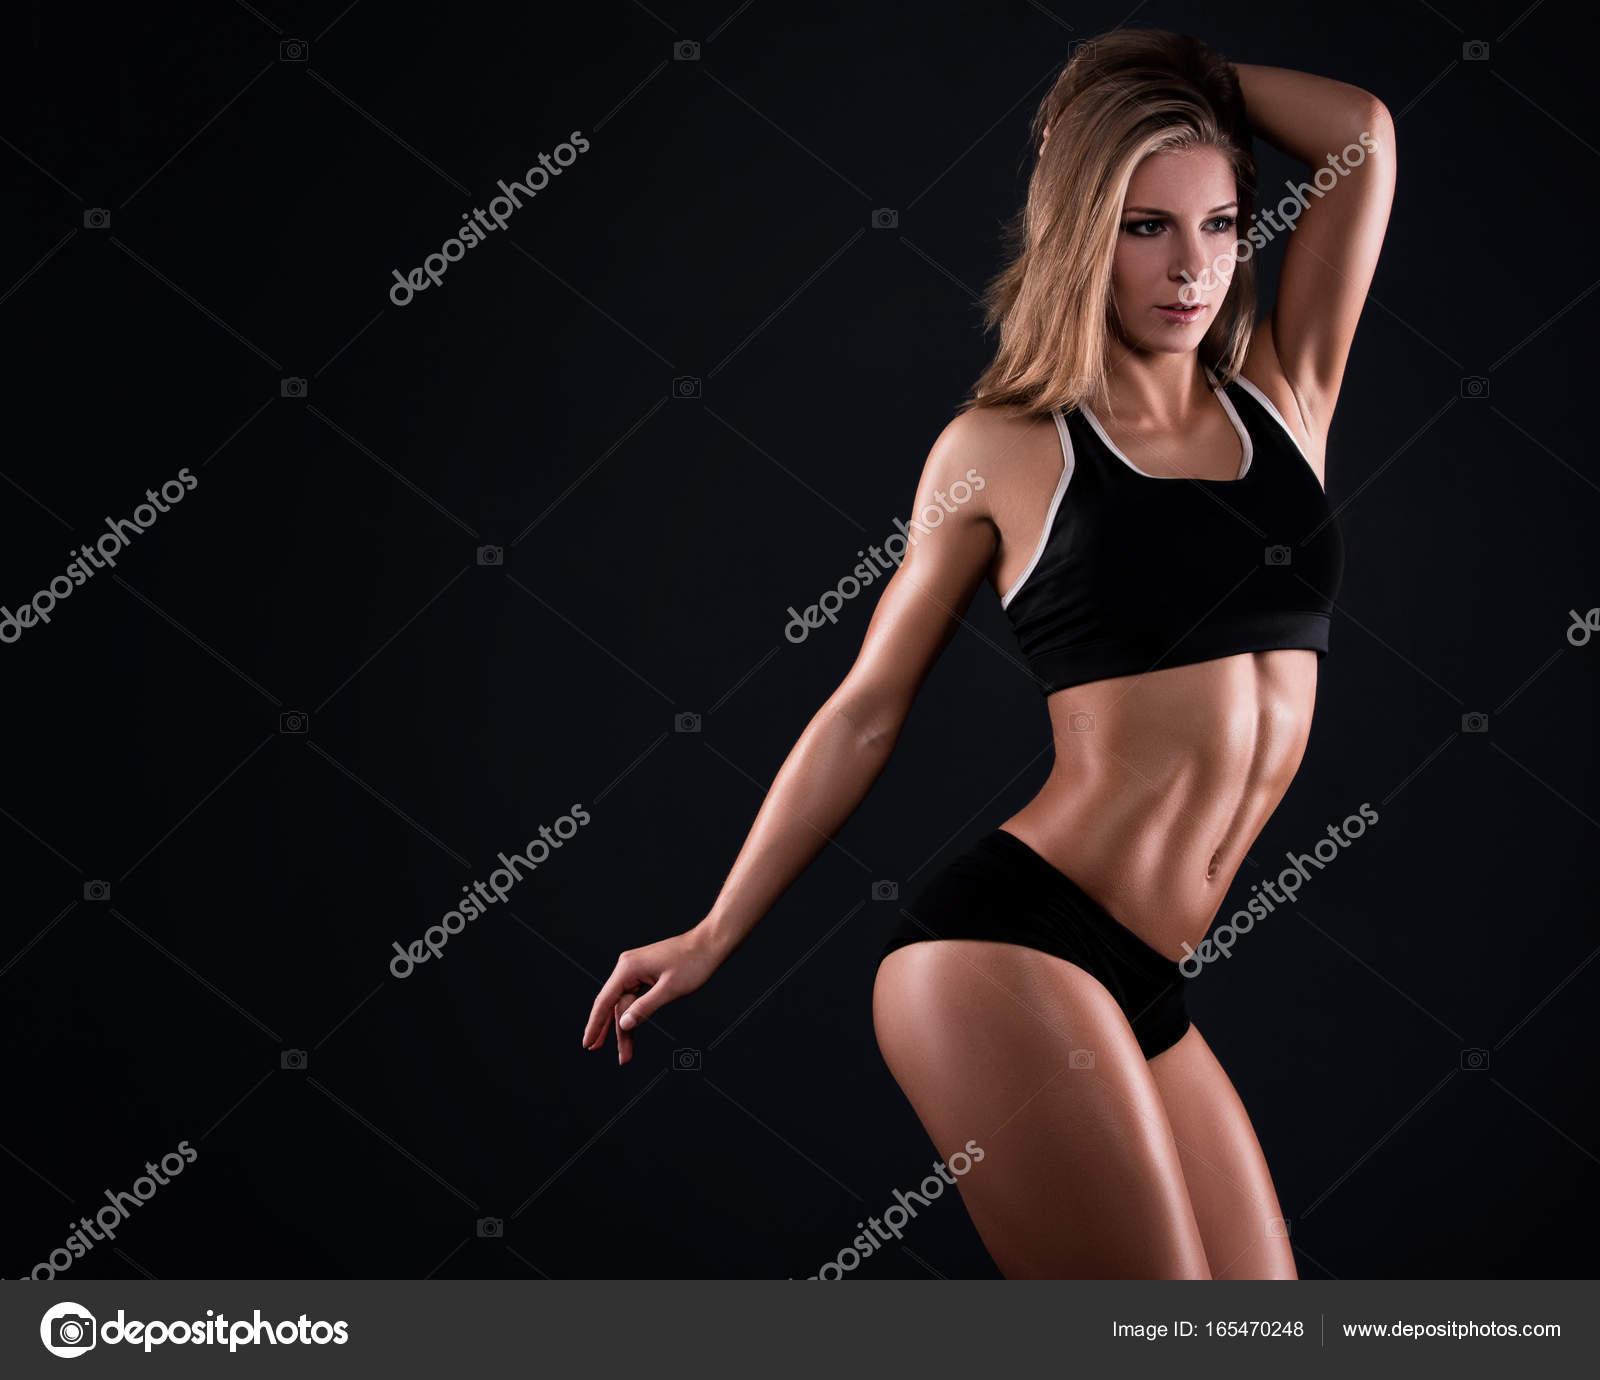 Δωρεάν σέξι κορίτσι εικόνες